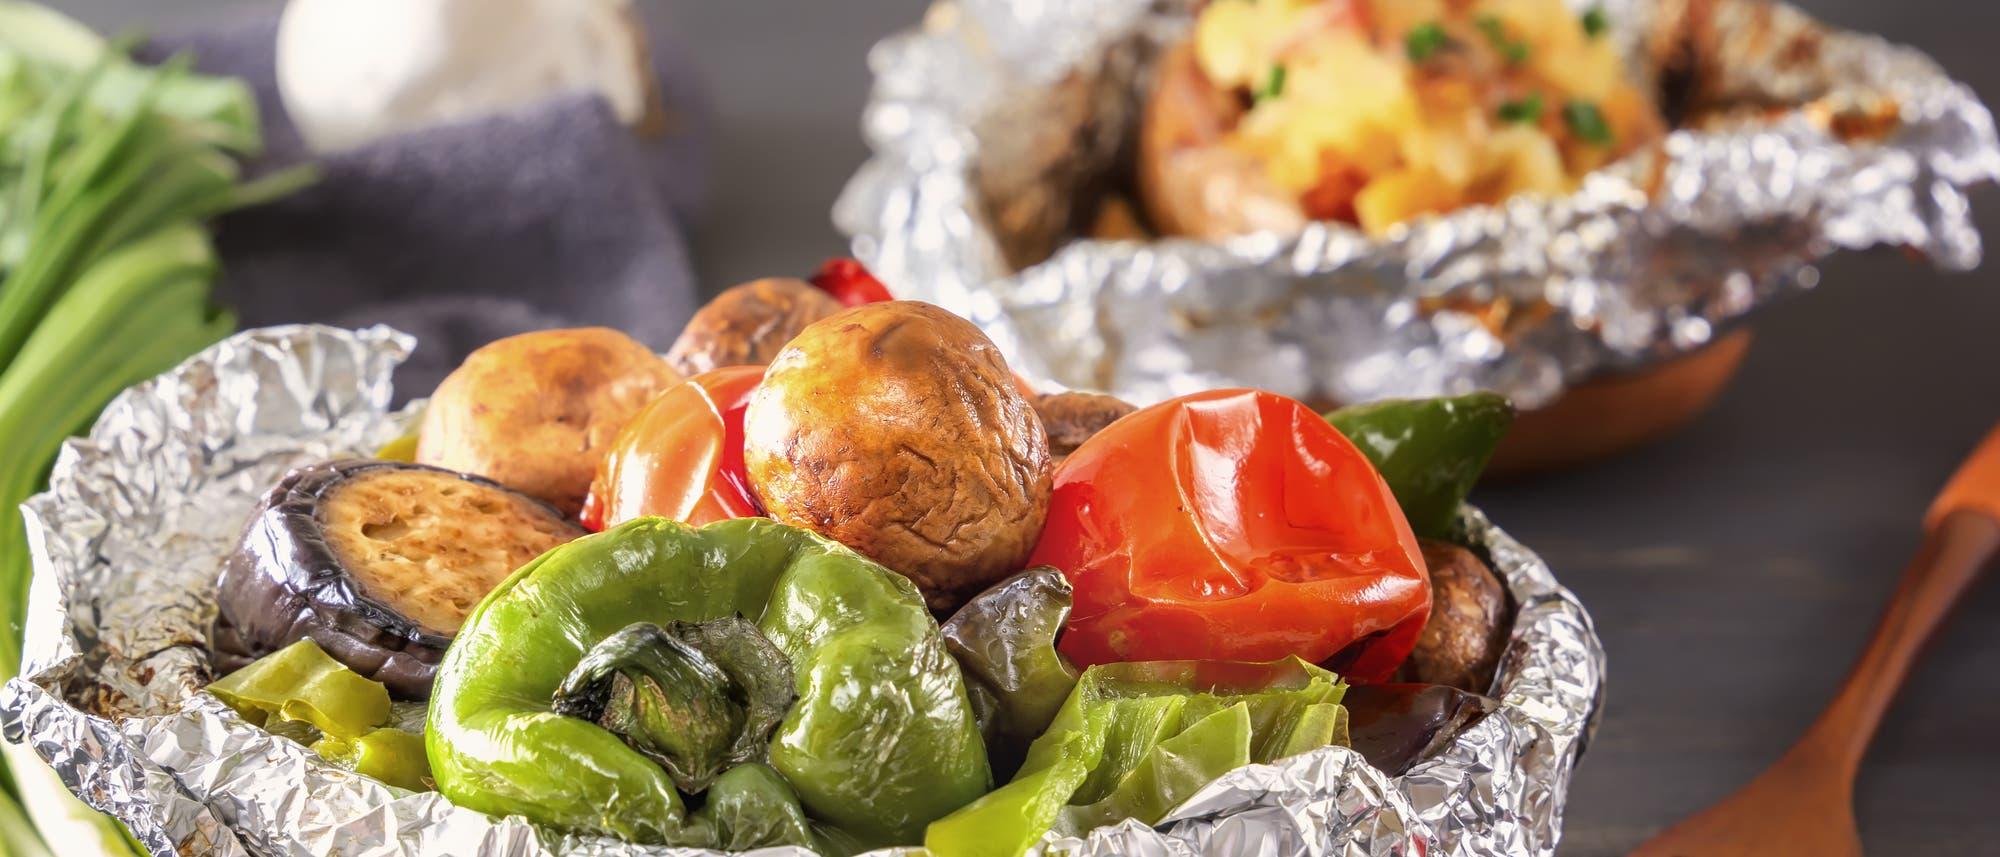 Im Vordergrund gebackenes Gemüse in einer Schüssel aus Alufolie, hinten eine halb ausgewickelte Backkartoffel.